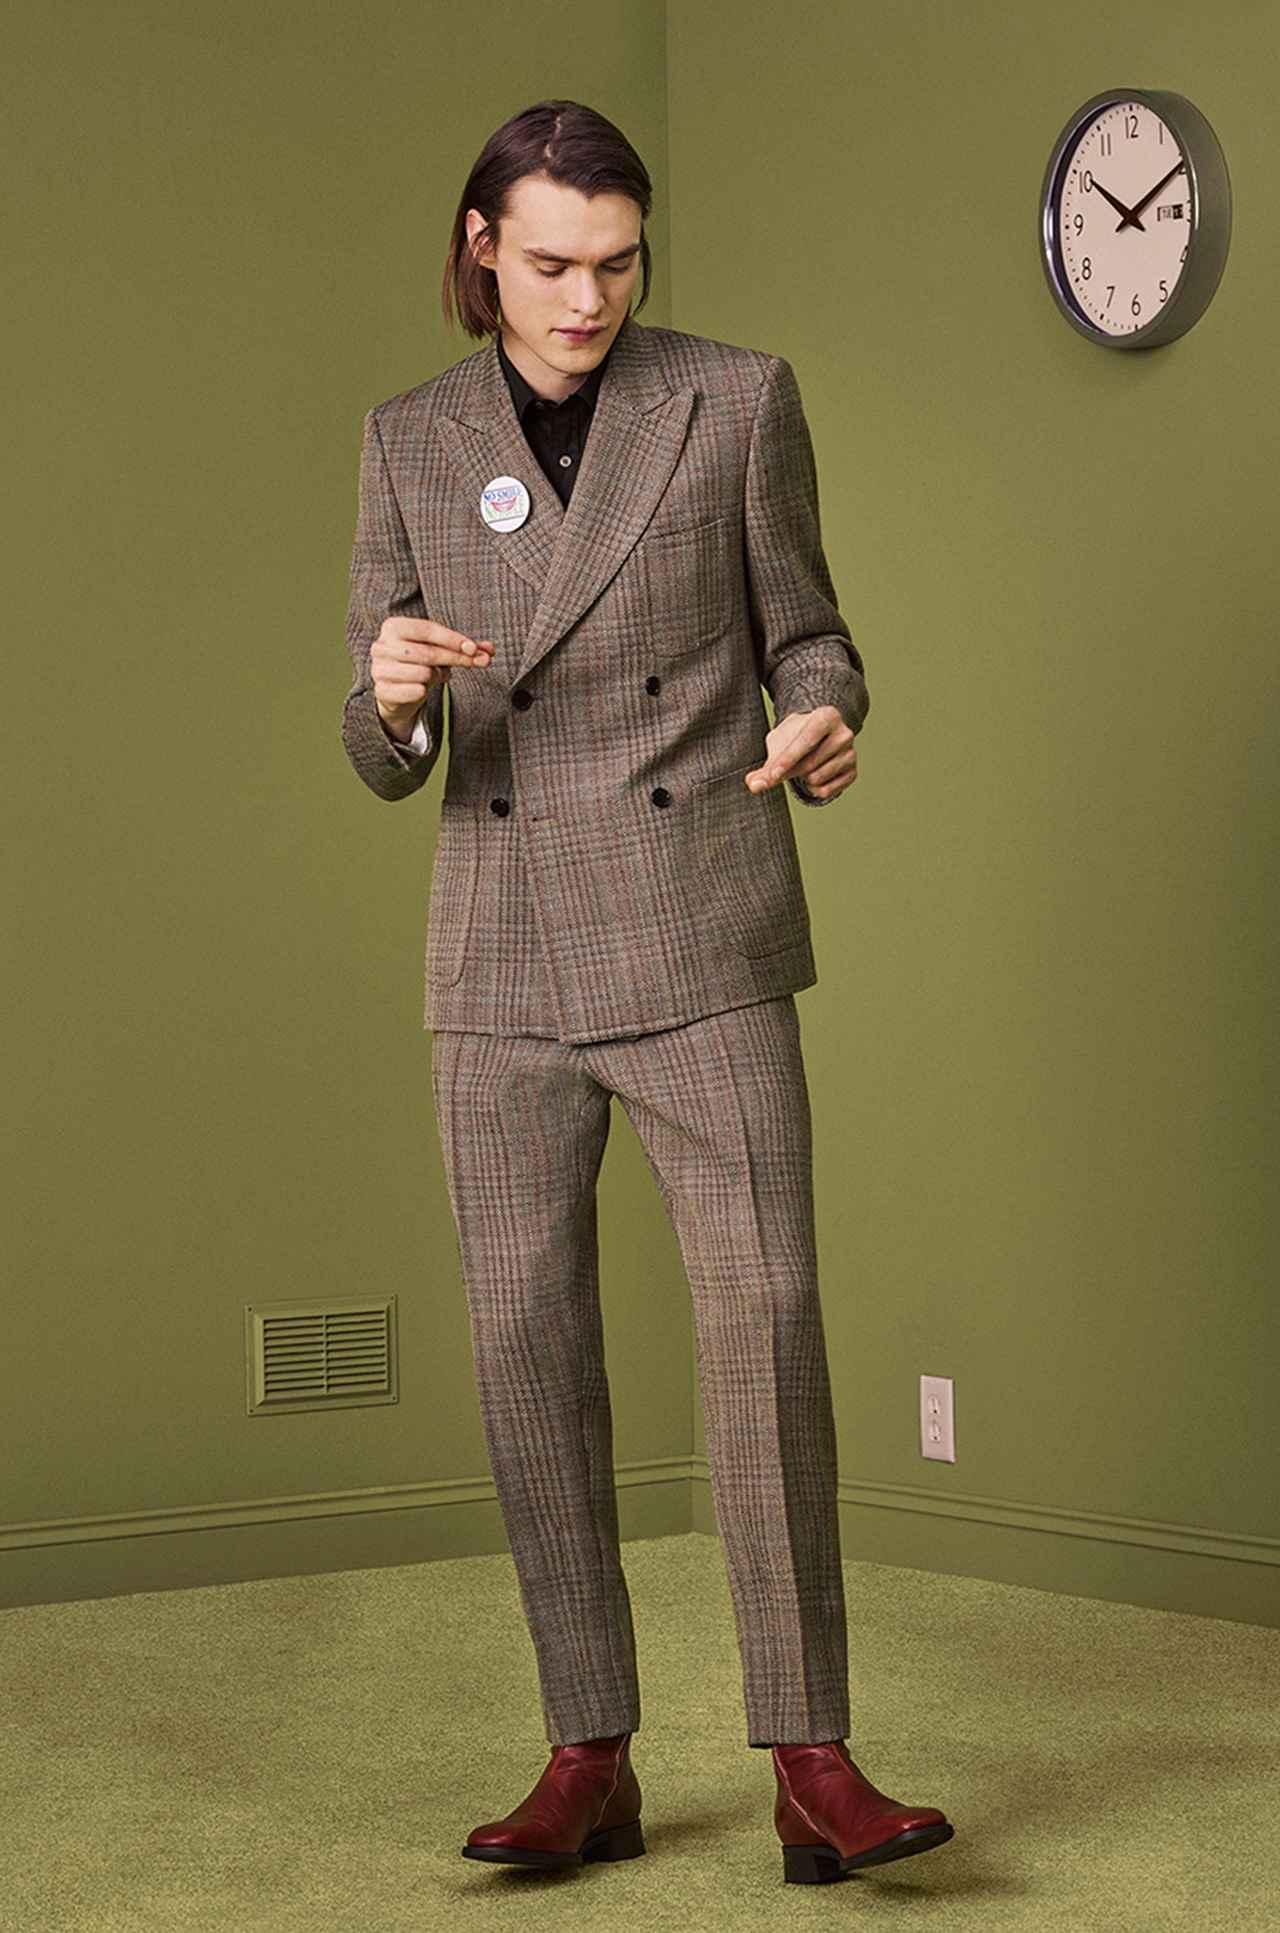 Images : 1番目の画像 - 「ステラ・マッカートニーが 描く男性像」のアルバム - T JAPAN:The New York Times Style Magazine 公式サイト